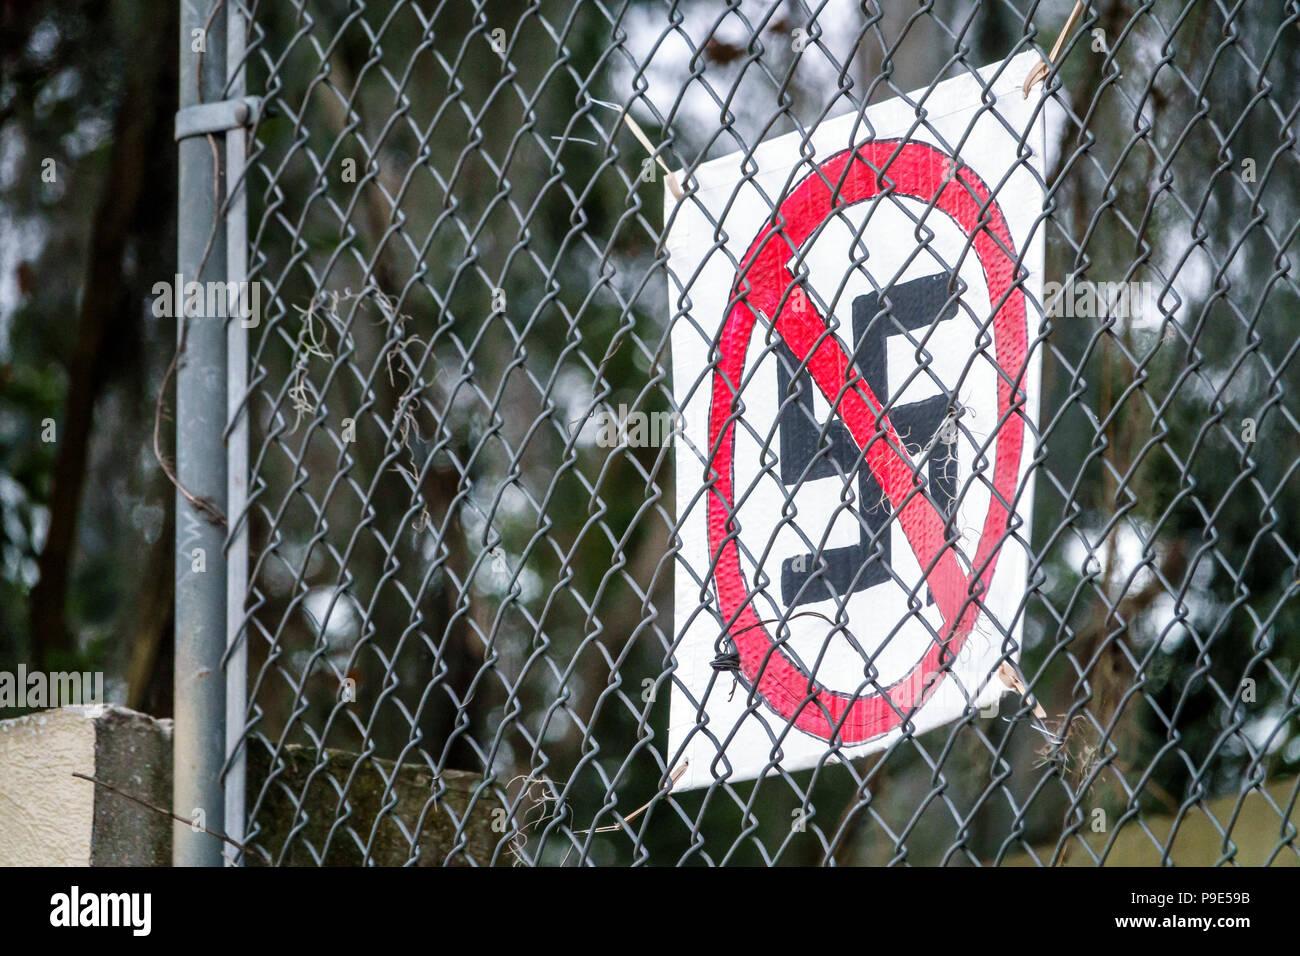 Florida Gainesville anti-Nazi sign Hakenkreuz swastika hate symbol chain-link fence - Stock Image